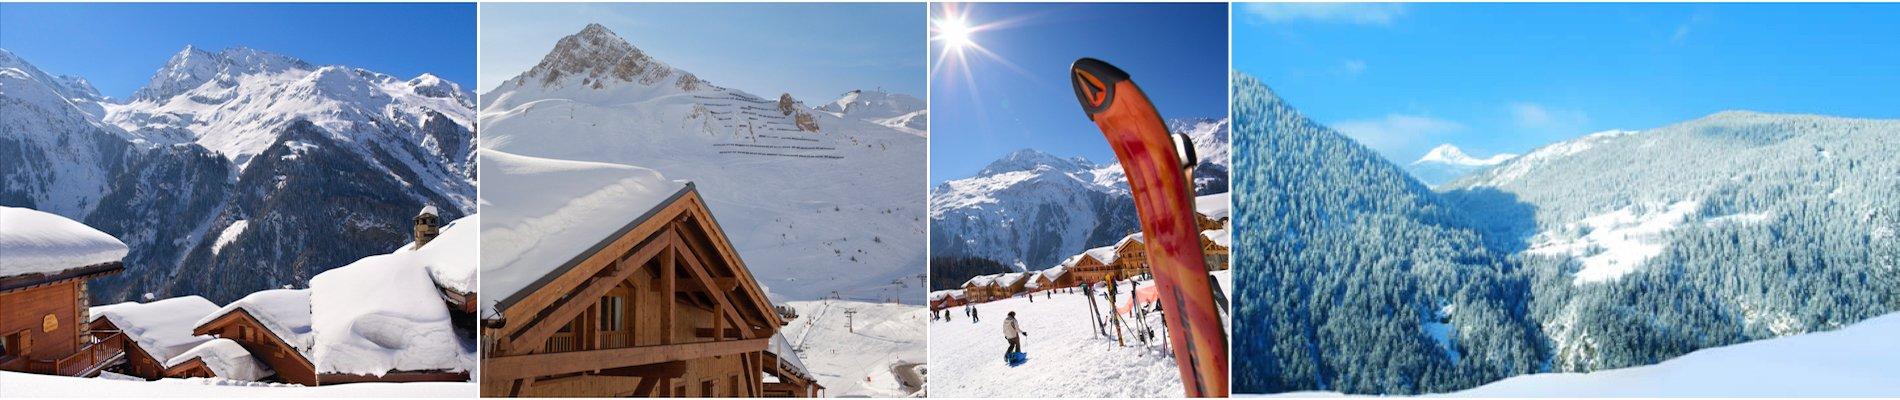 cgh fermes de sainte foy frankrijk wintersport